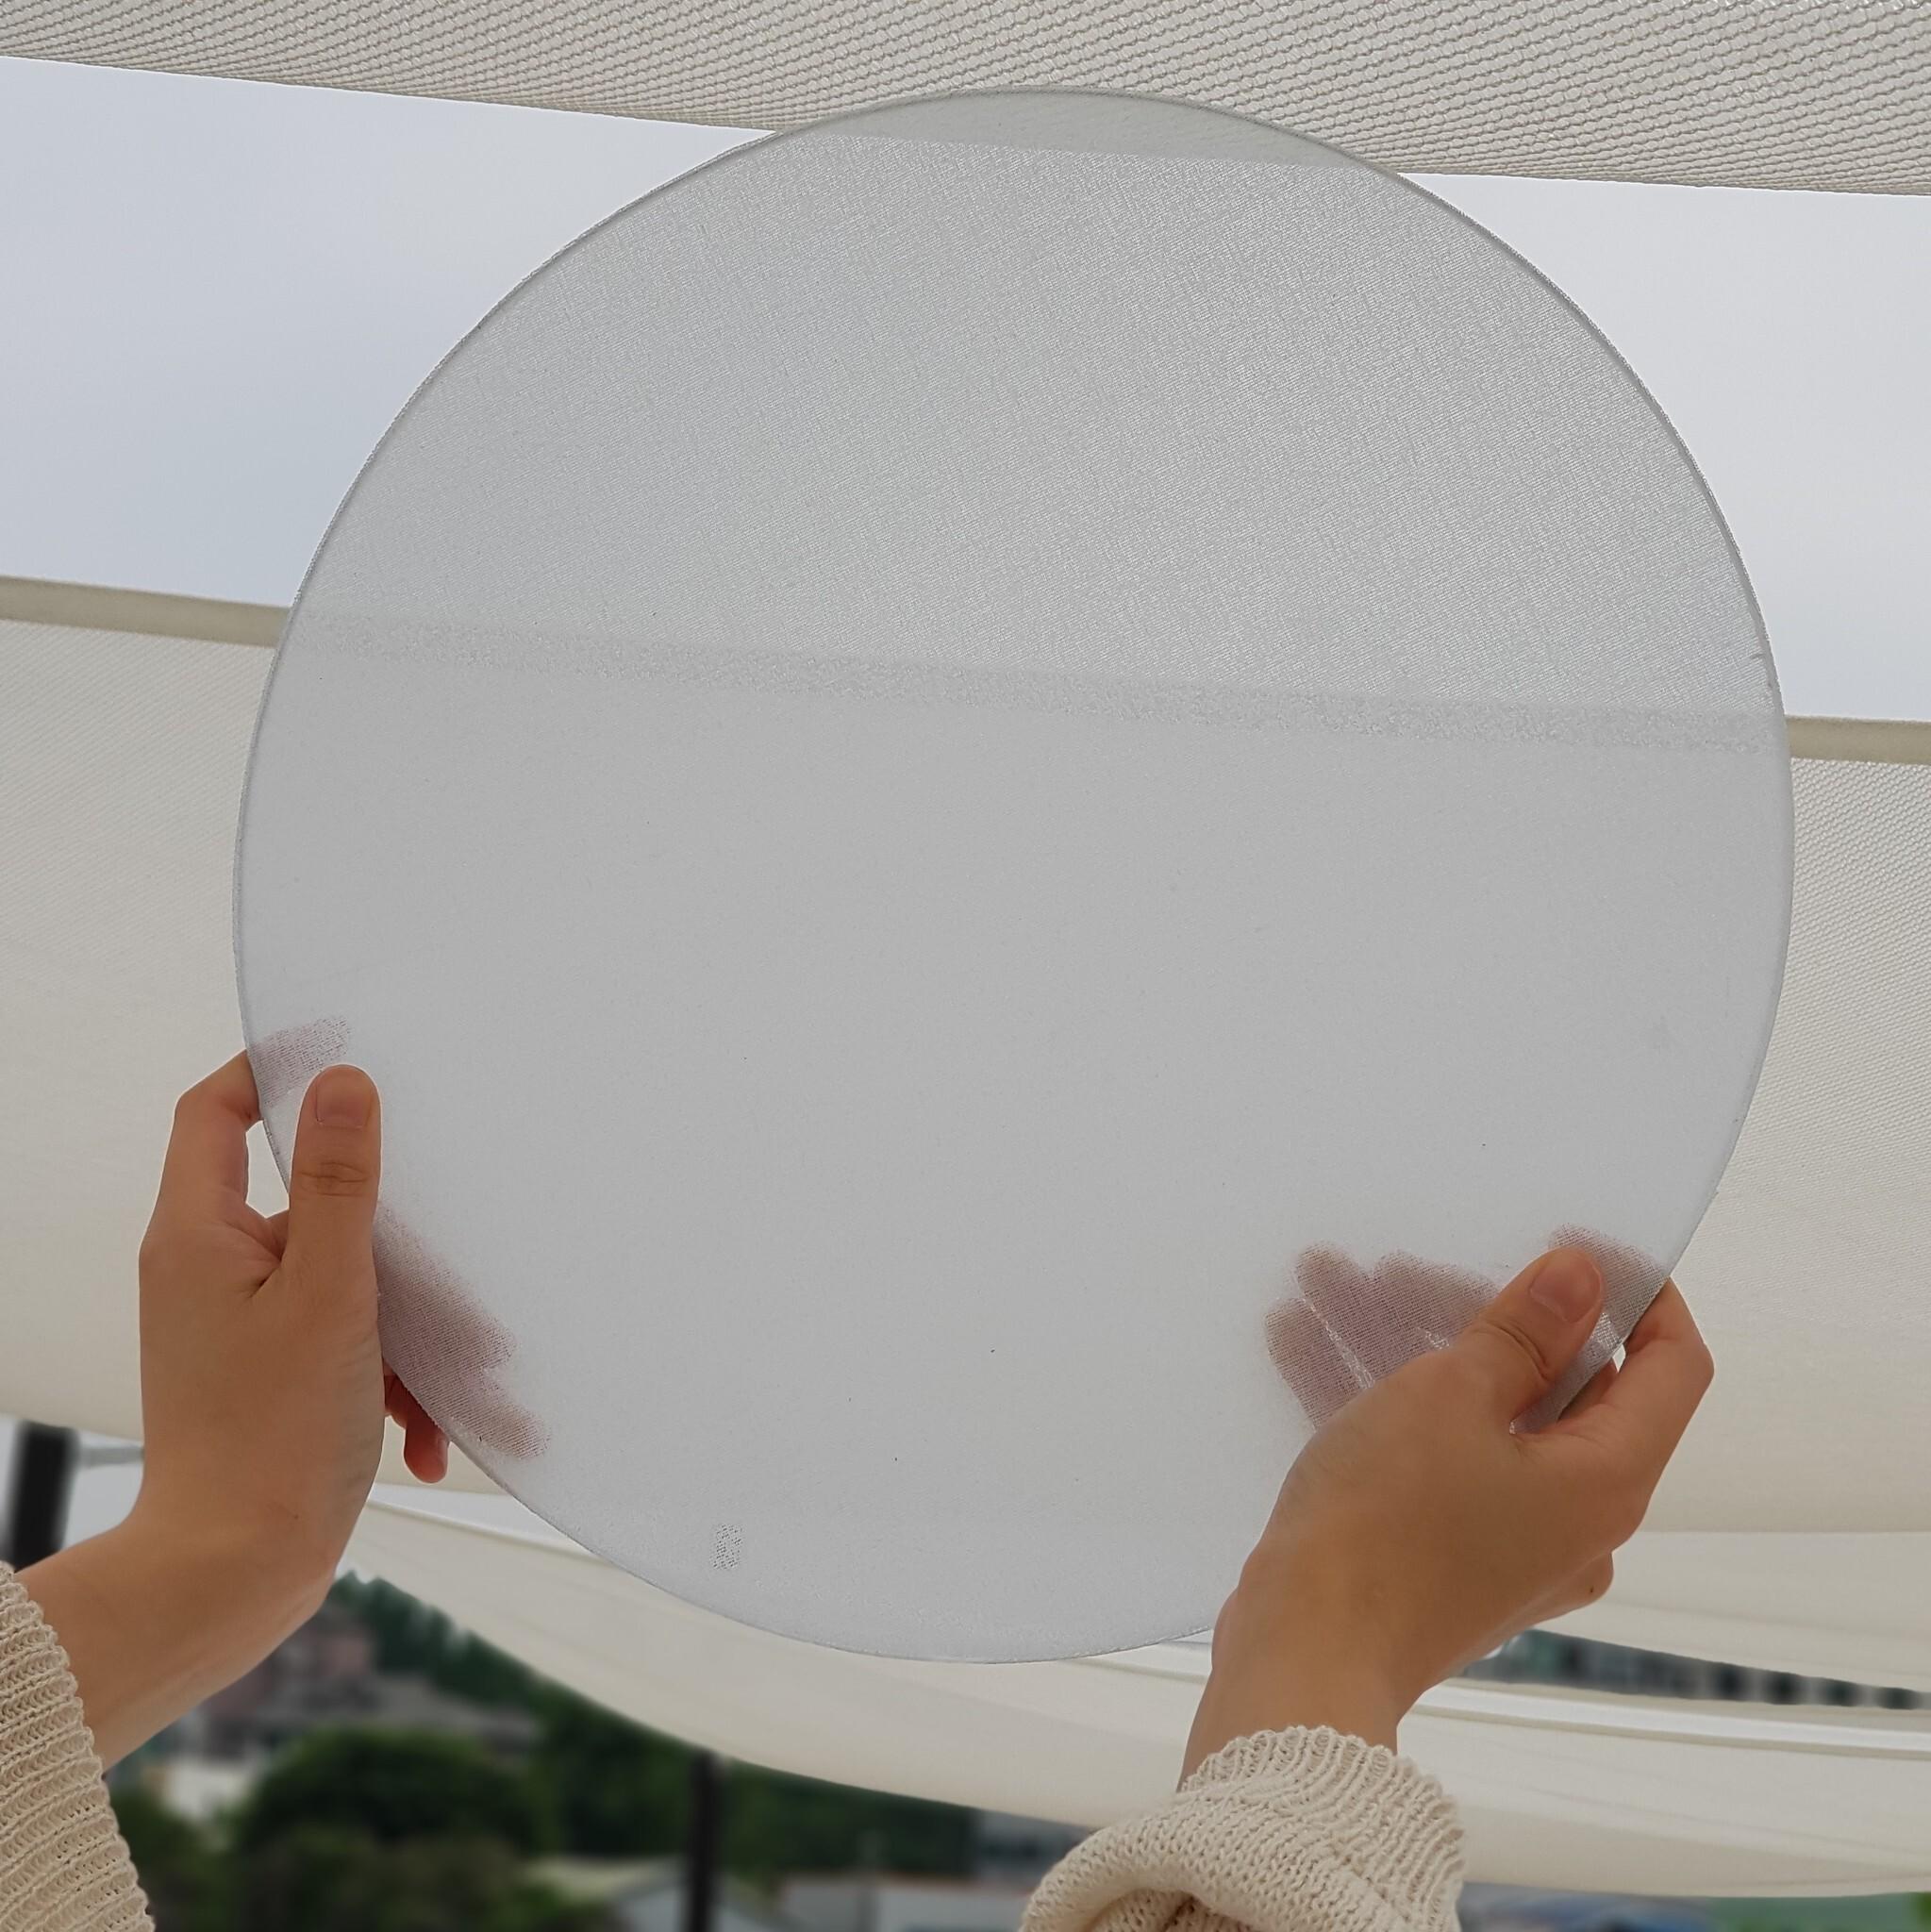 Veilish adhesive net curtains